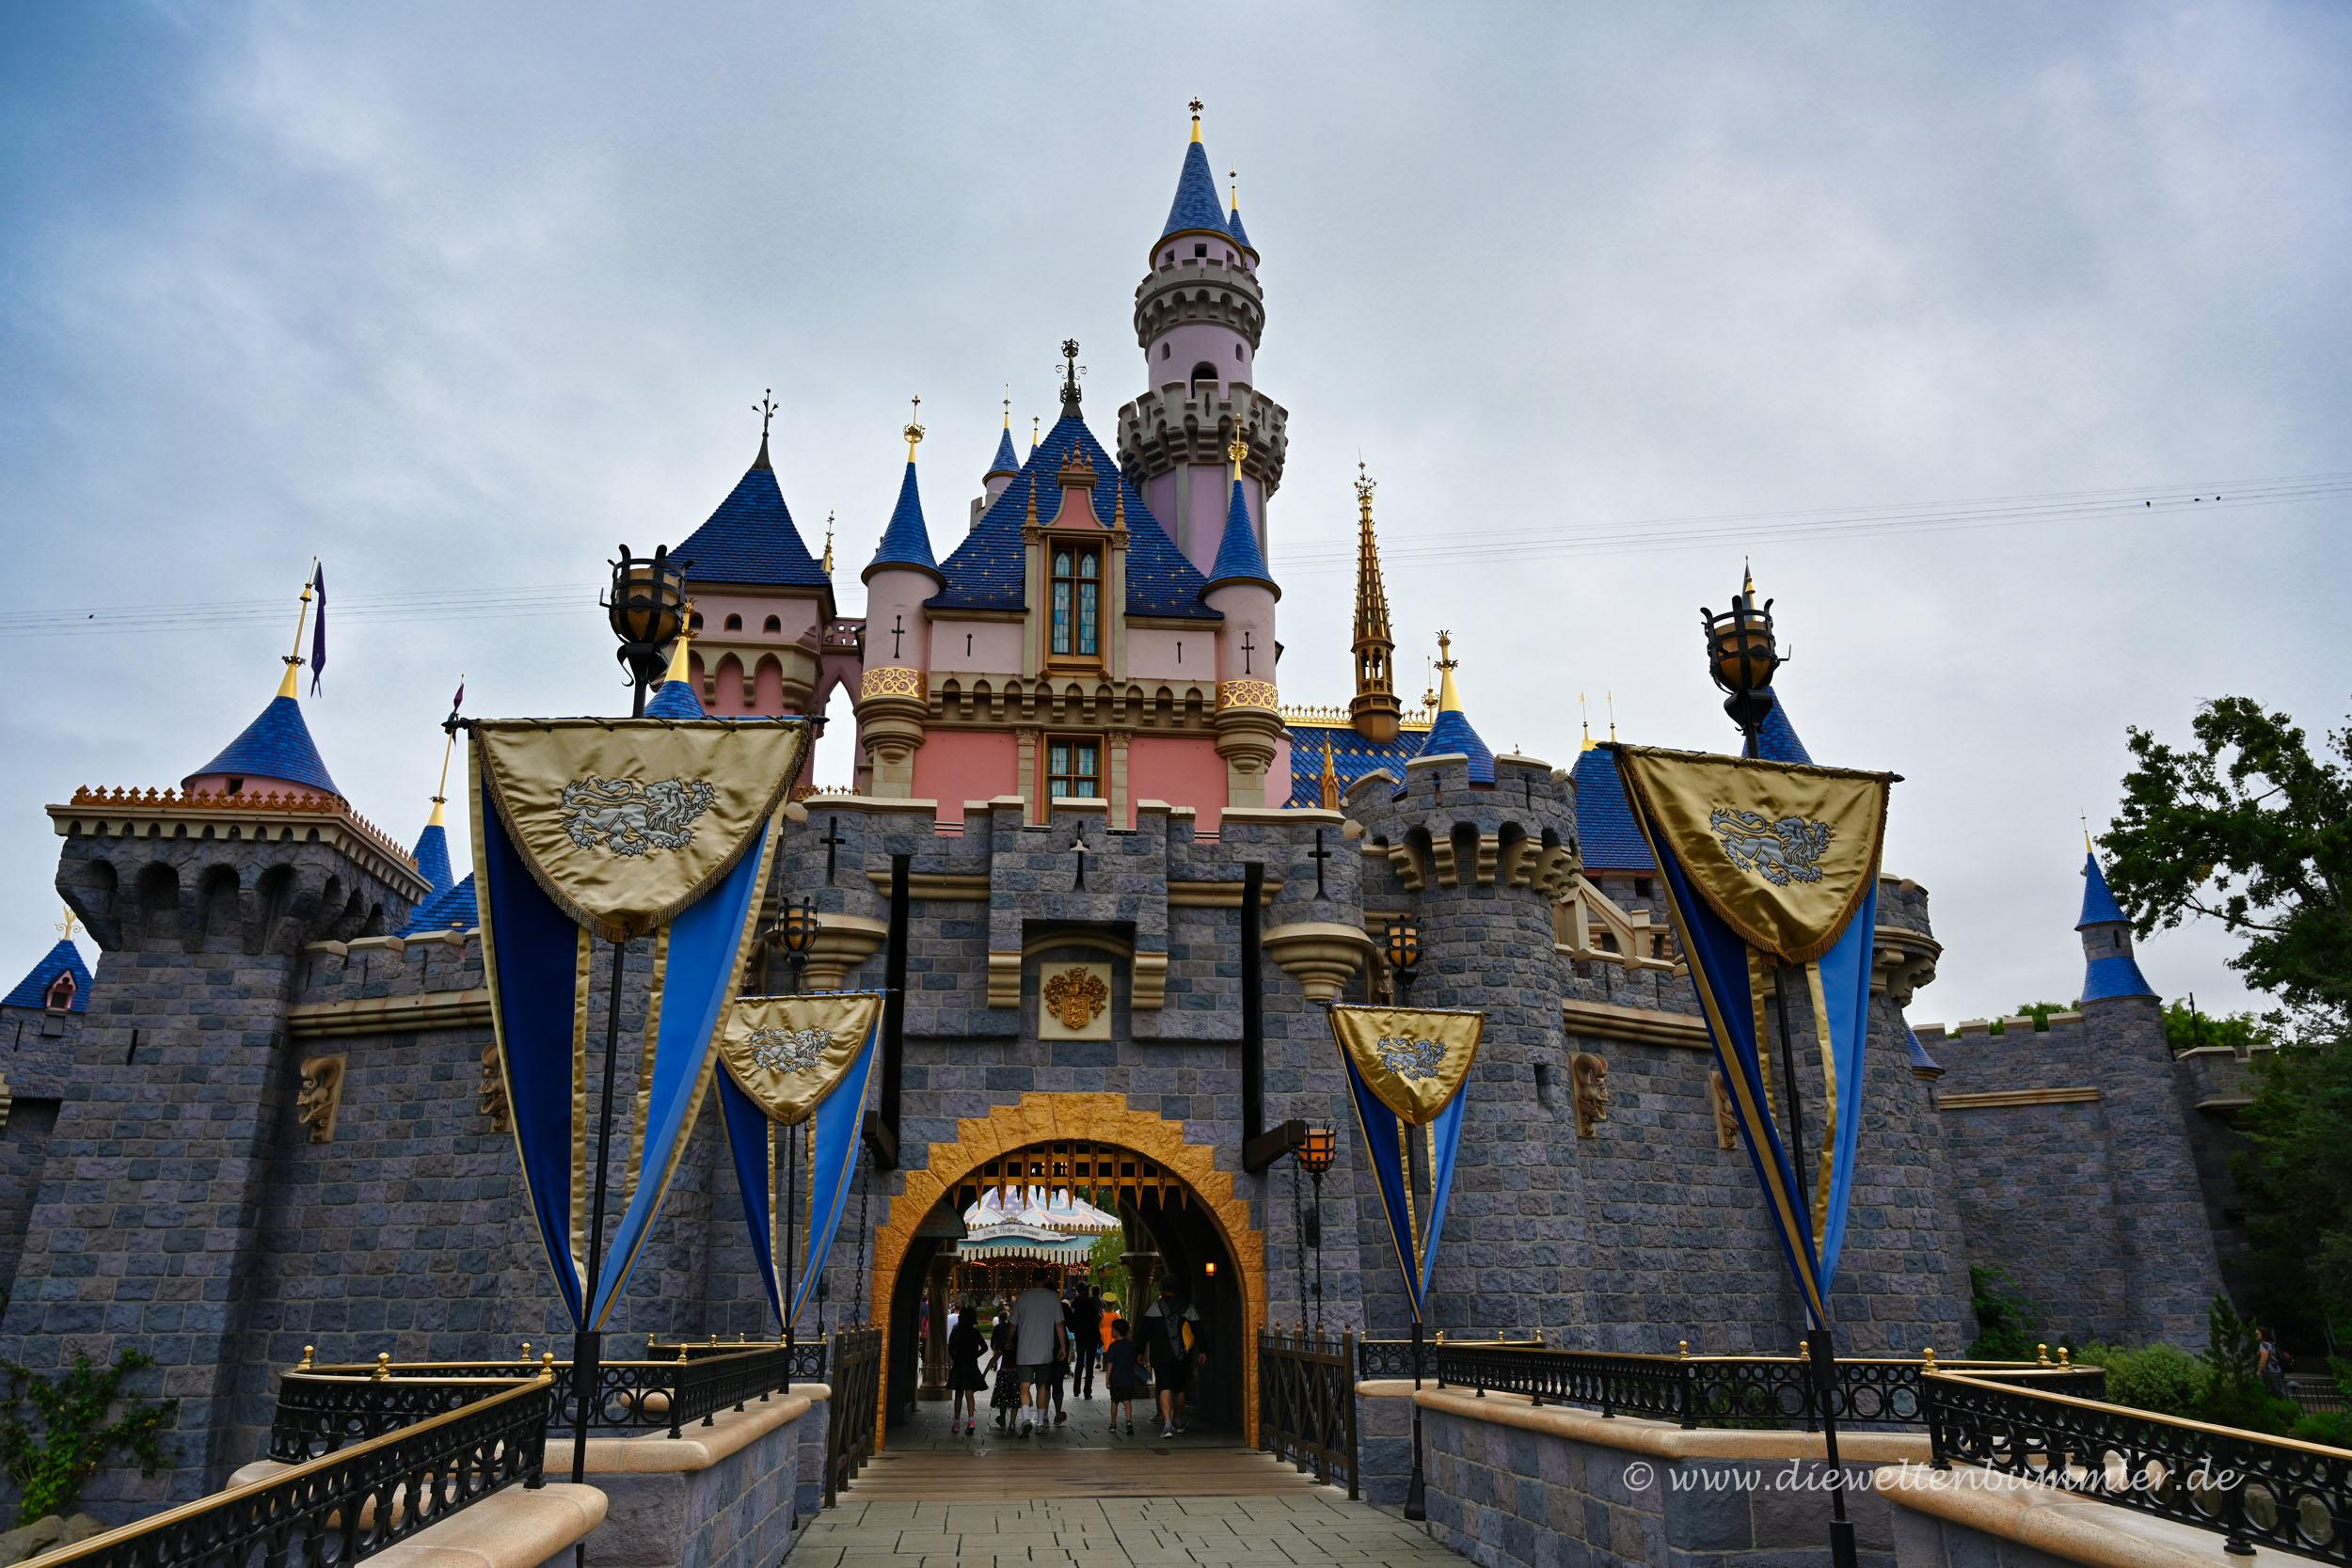 Schloss im Disneyland Anaheim